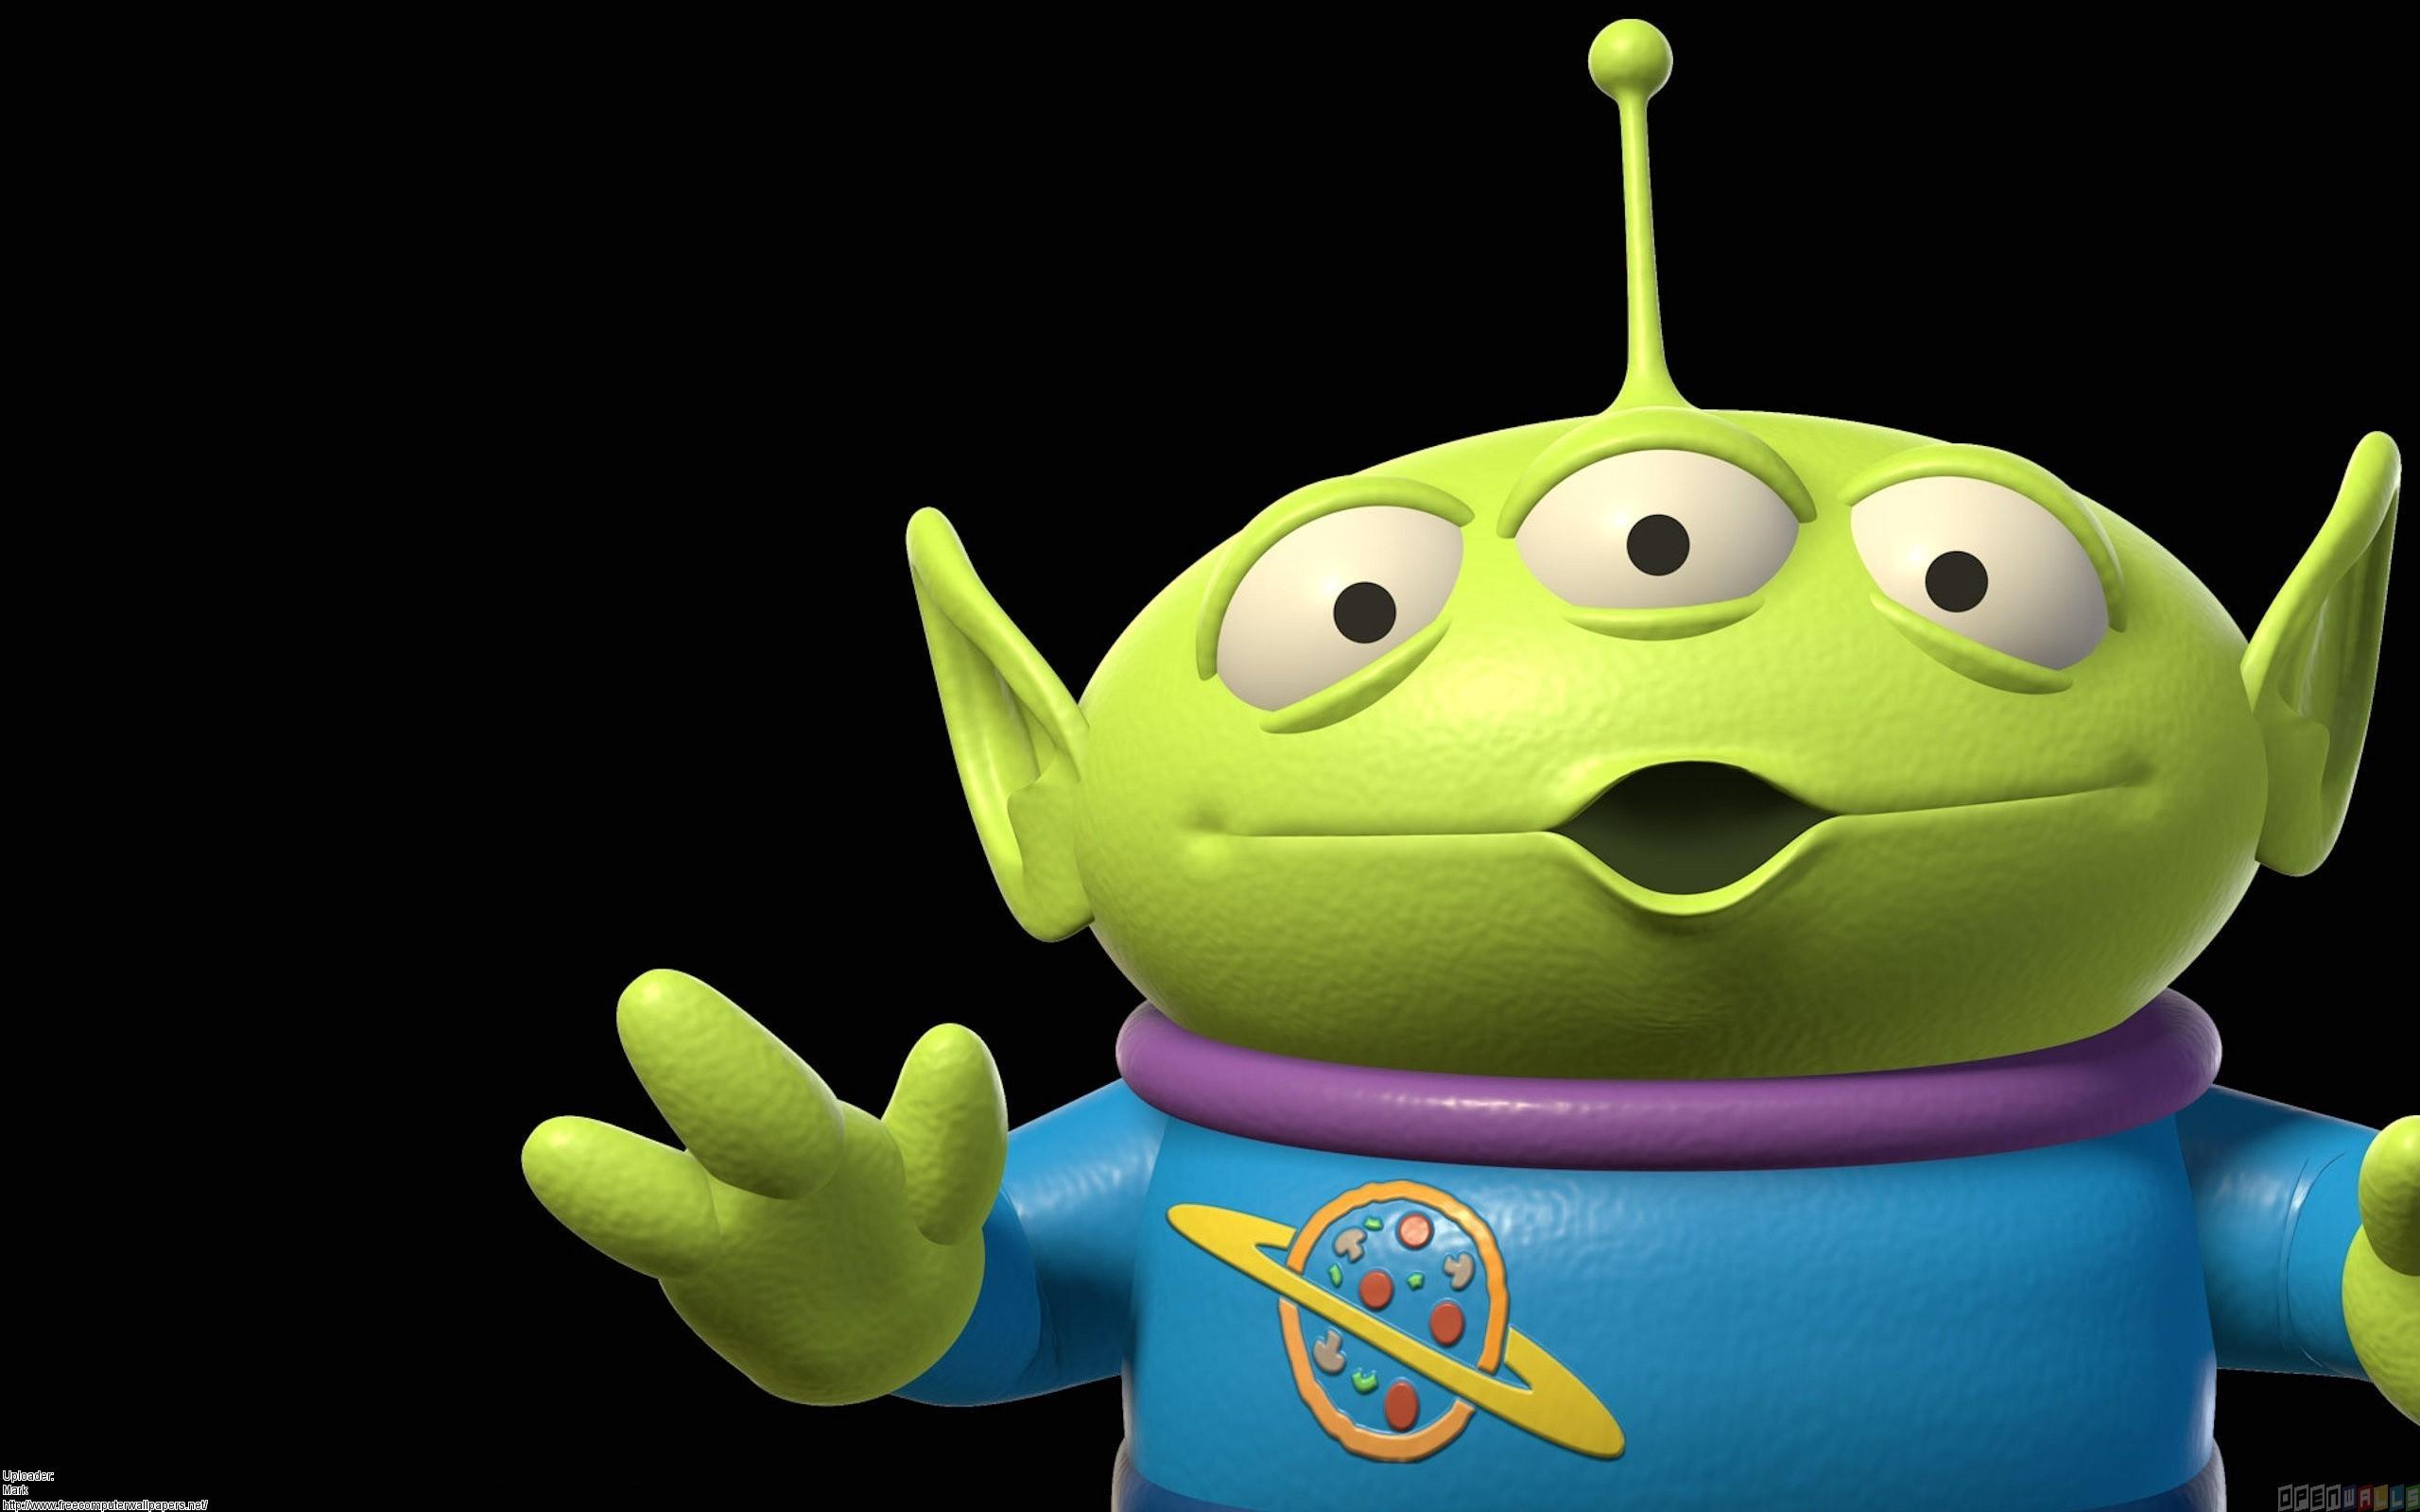 Toy Story Aliens Three Eyes